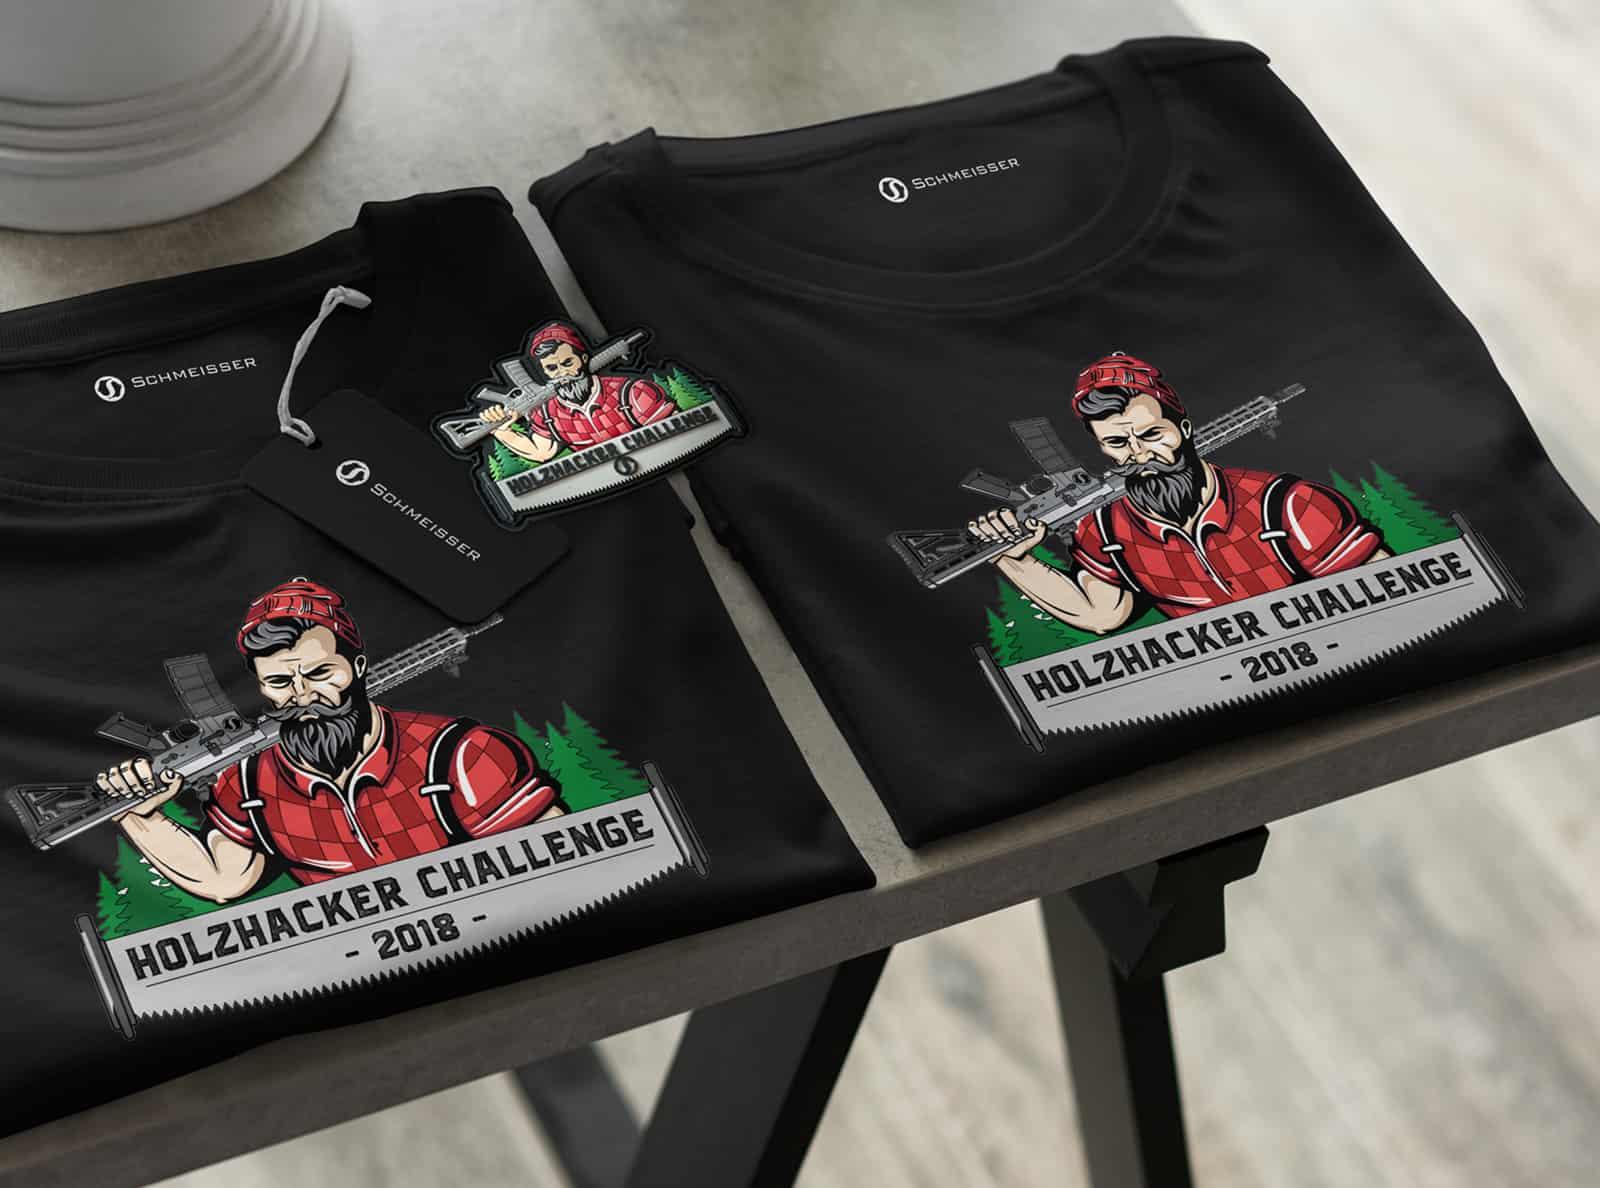 Schmeisser-GmbH_Holzhacker-Challenge_T-Shirt_Patch